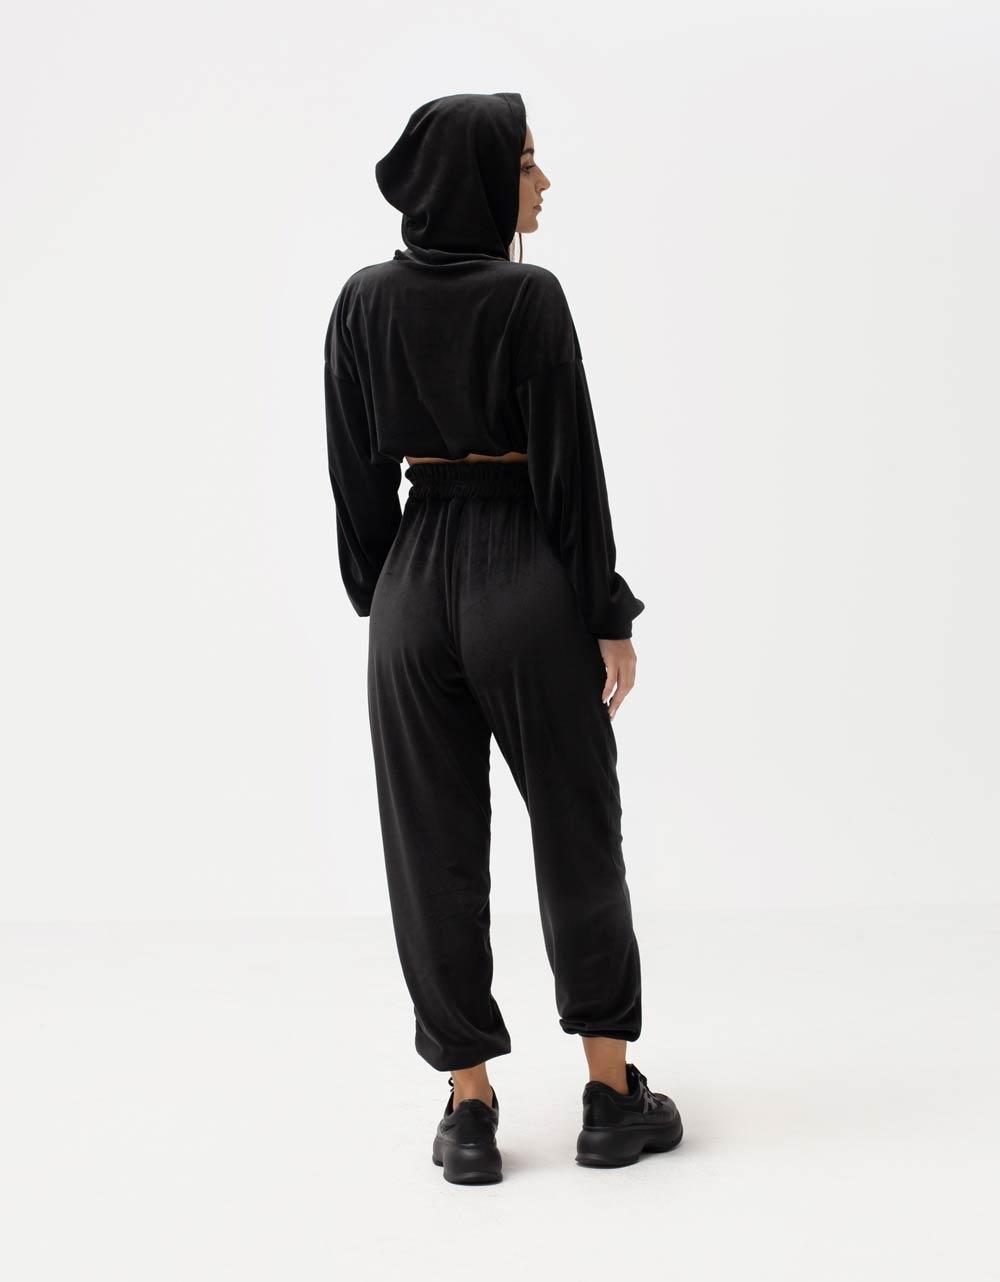 Εικόνα από Γυναικεία μπλούζα με λάστιχο βελουτέ Μαύρο